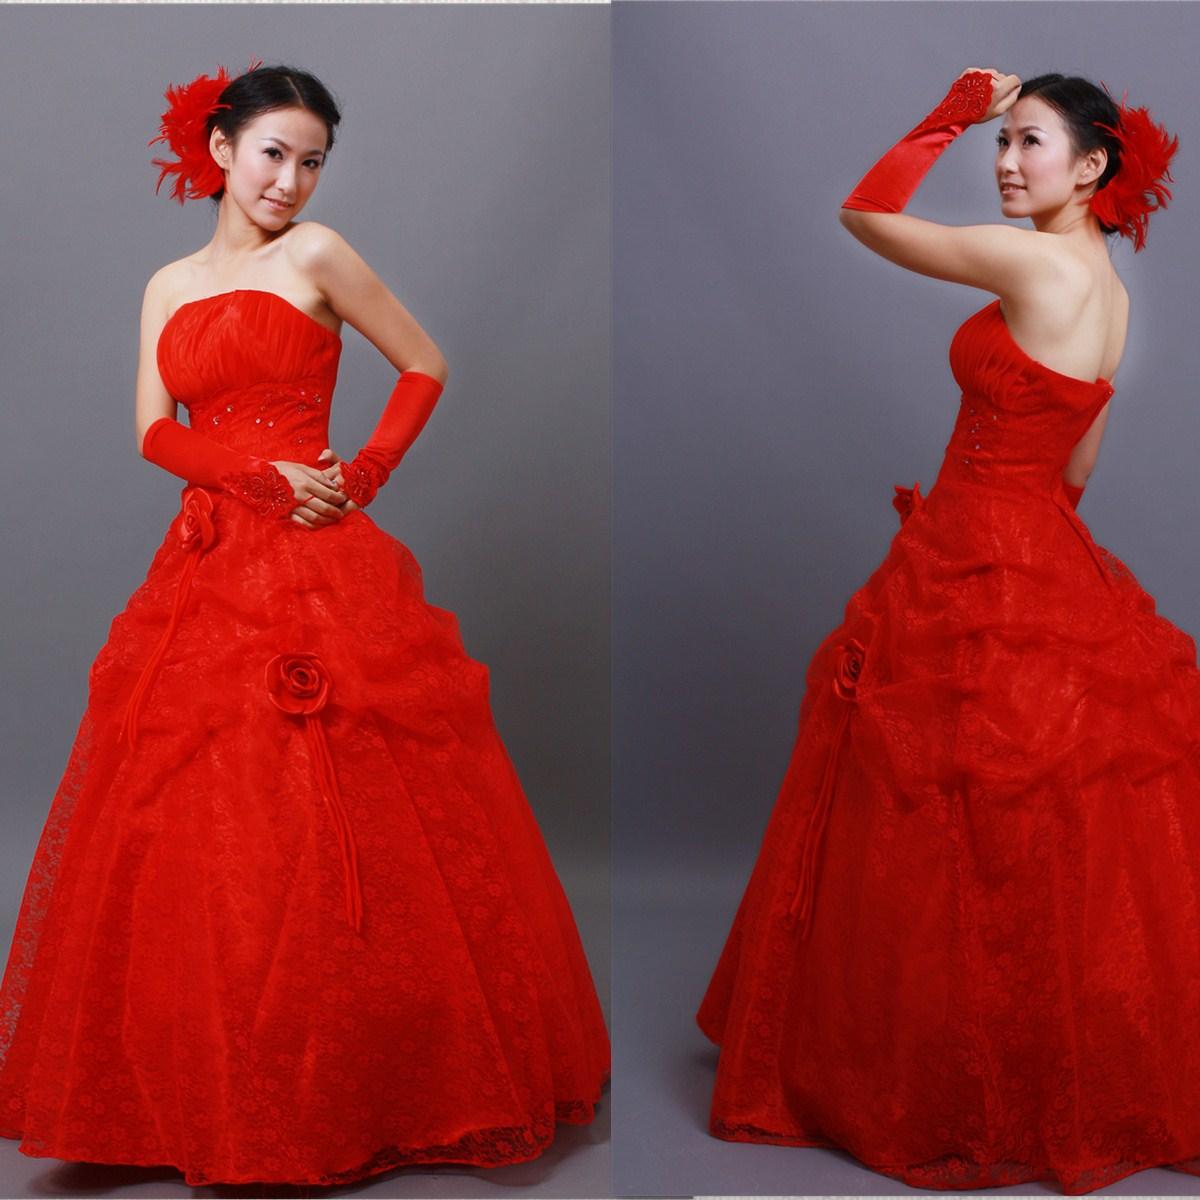 Свадебное платье Name yarn hs097 Кружево Принцесса с кринолином